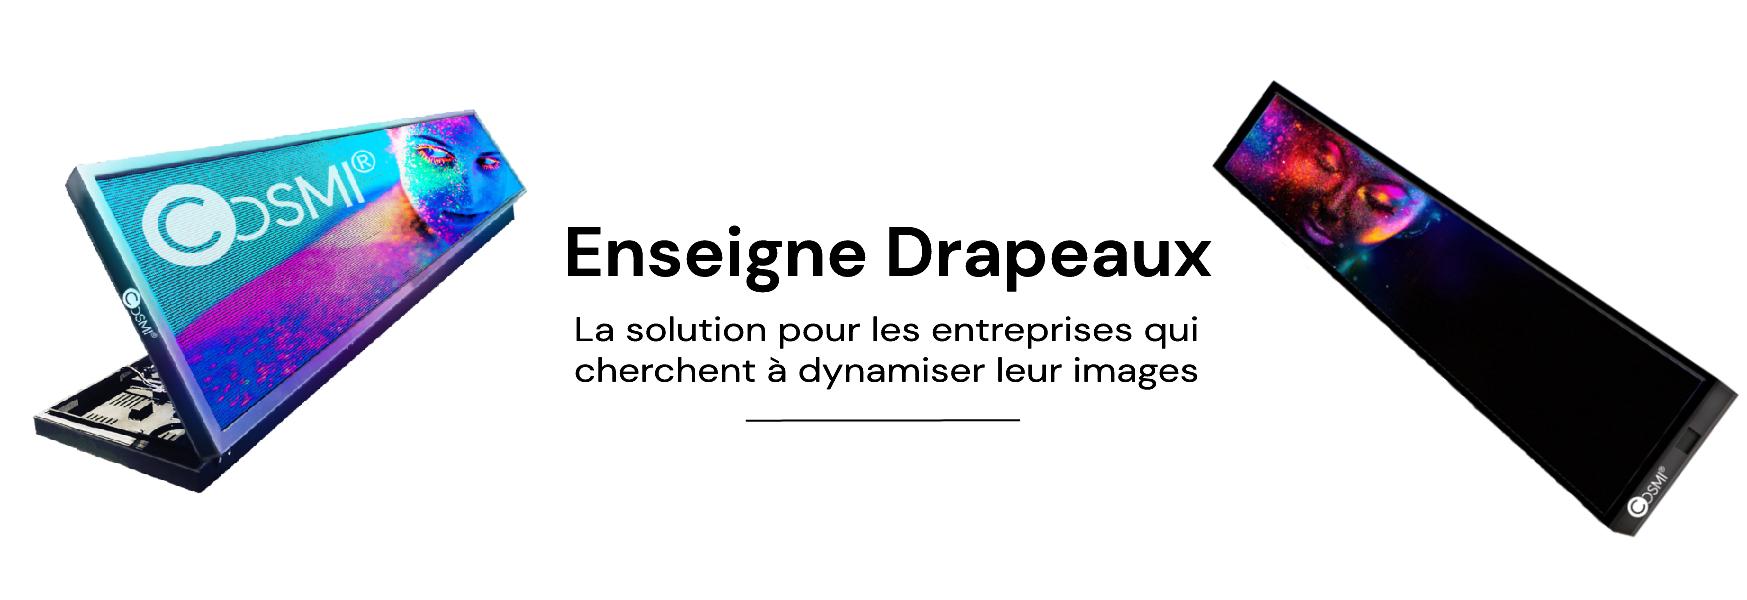 ecran-led-pub-exterieur-difusion-full-color-luminosite-p-8-cosmi-agr-display-france-fournisseur- publicitaire